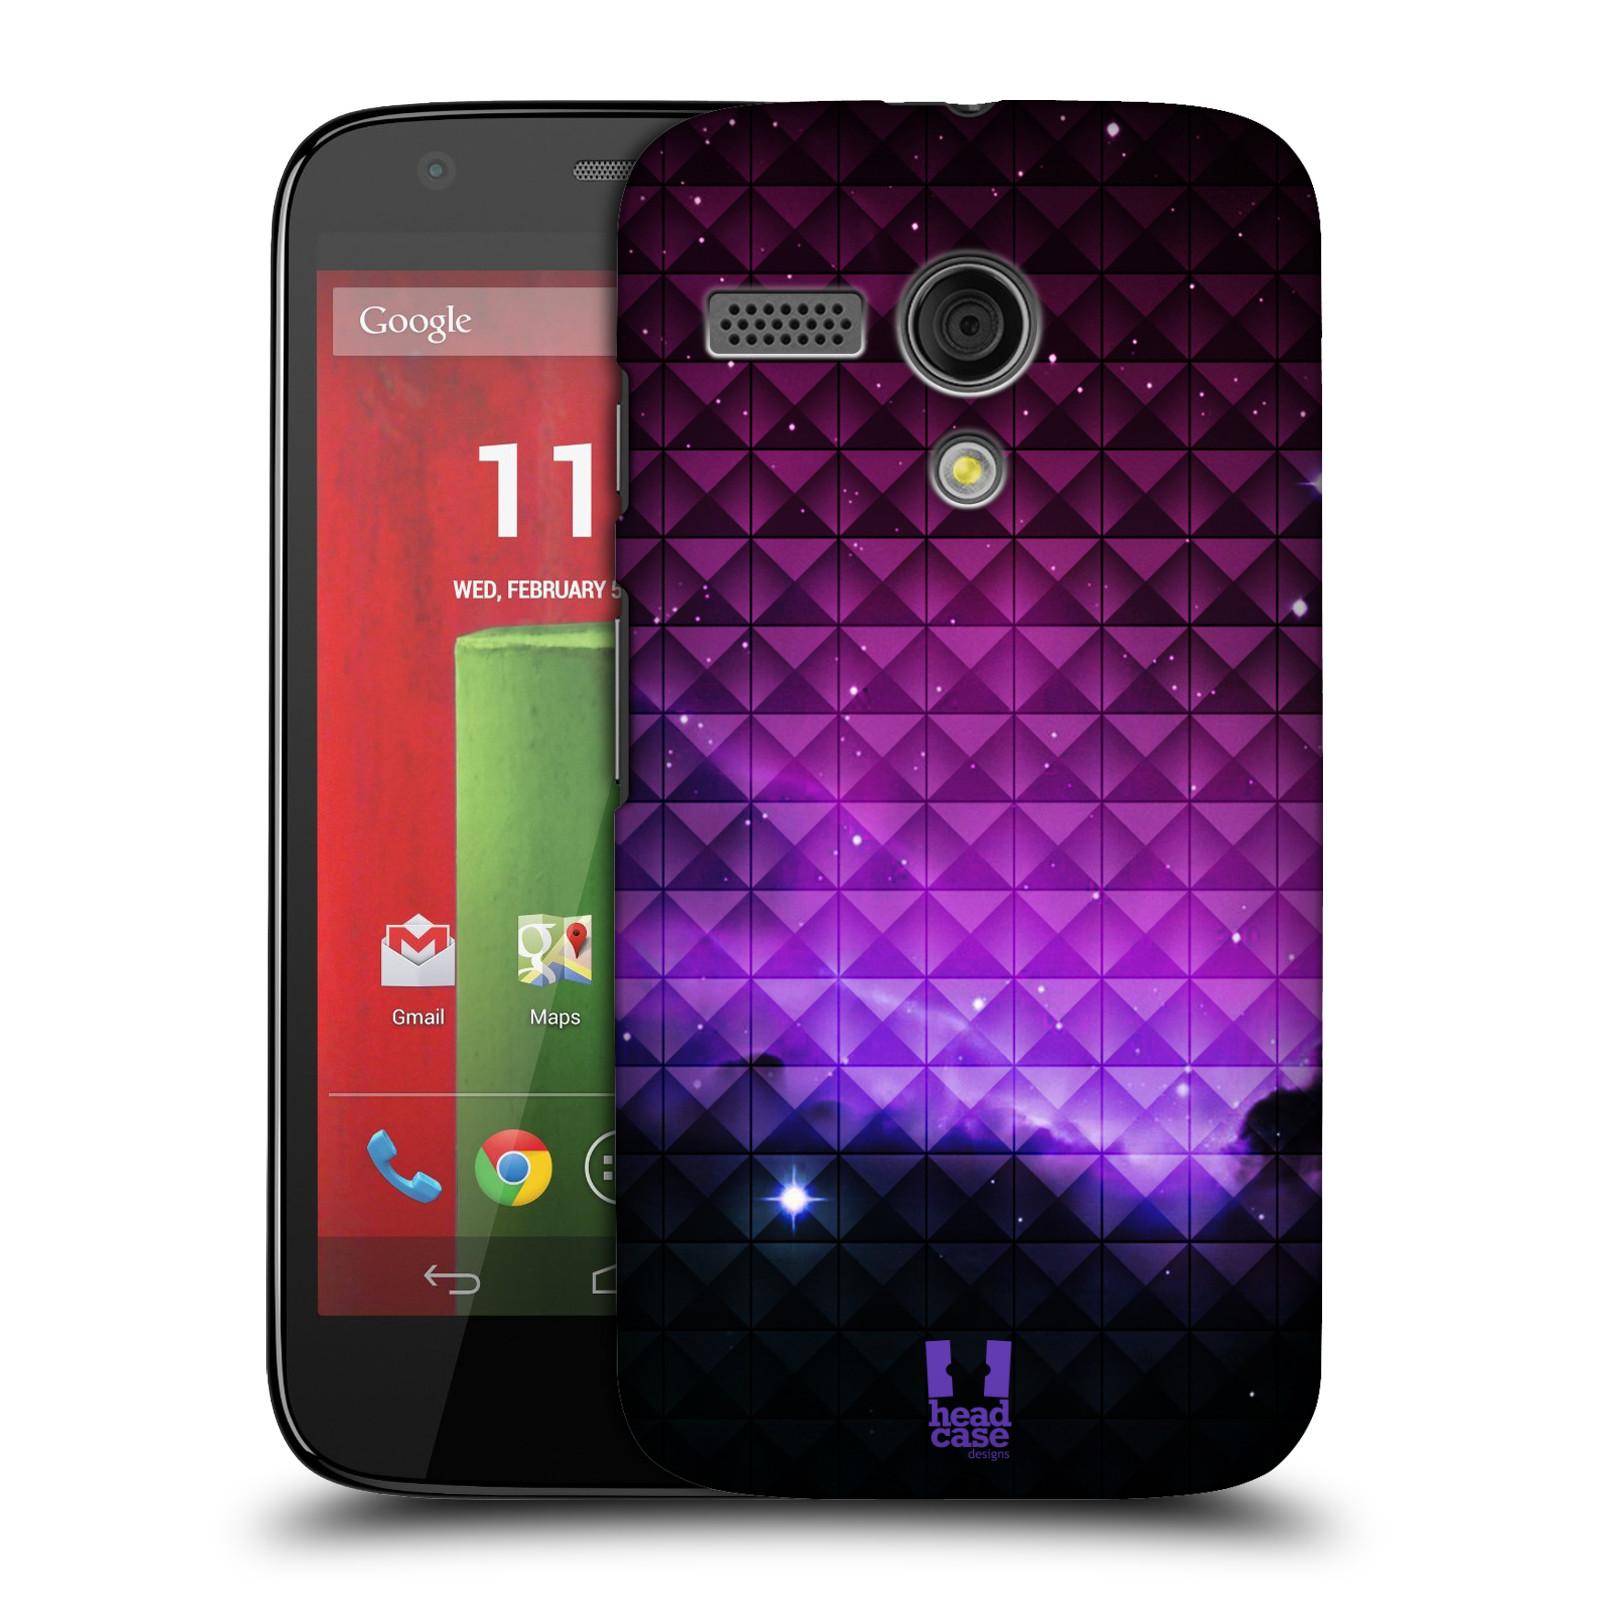 Plastové pouzdro na mobil Motorola Moto G HEAD CASE PURPLE HAZE (Kryt či obal na mobilní telefon Motorola Moto G)